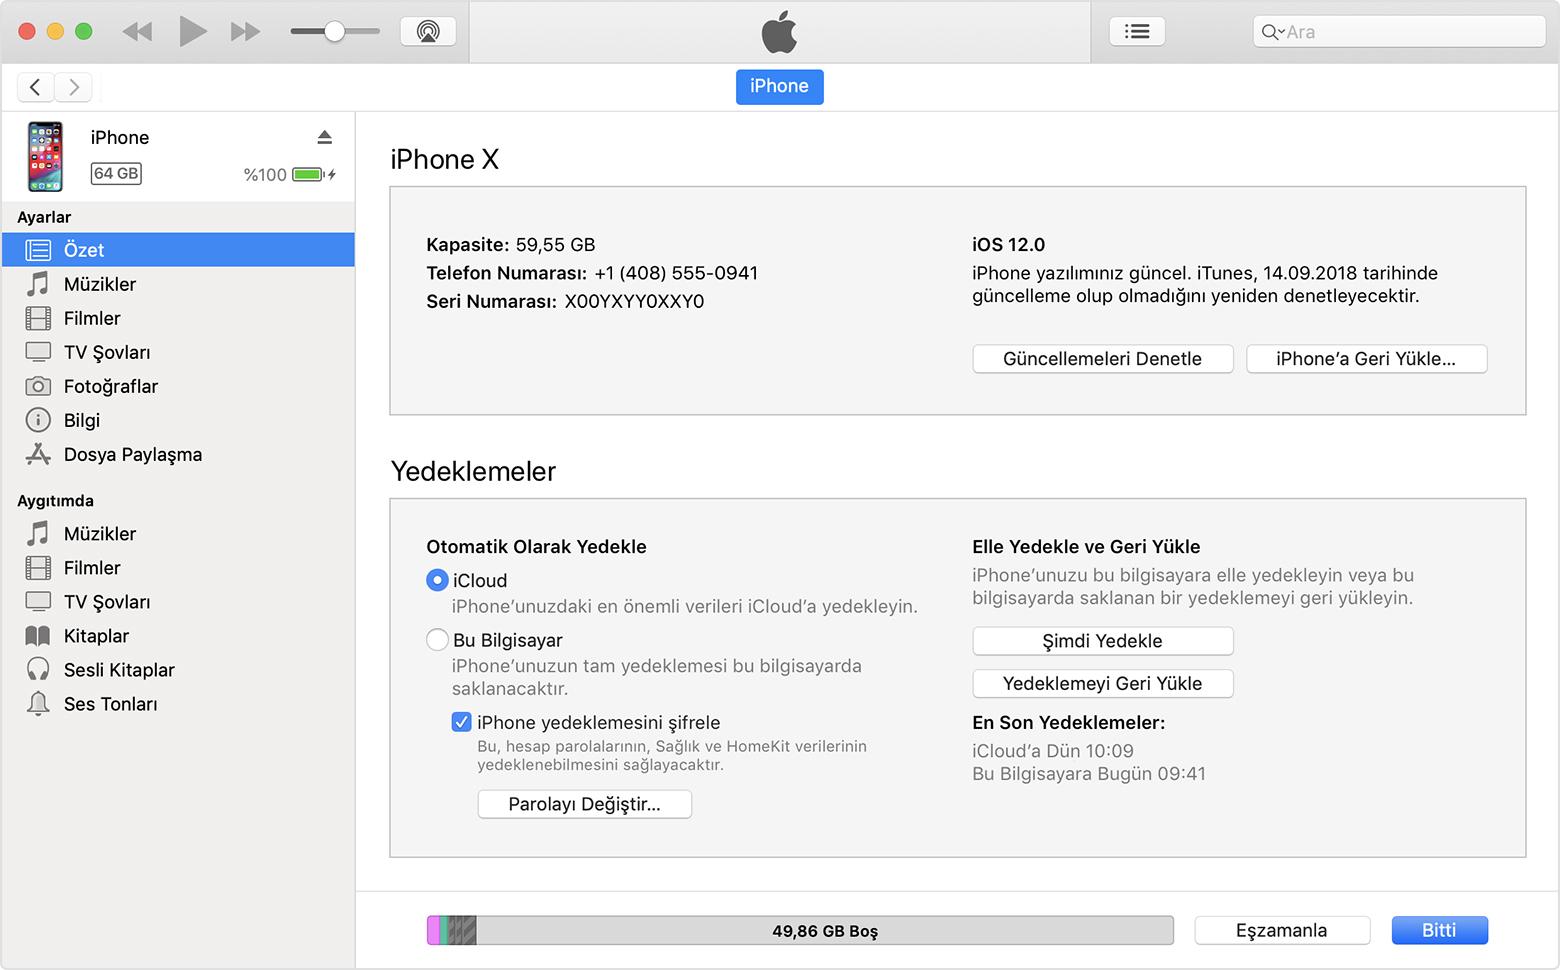 Yolu 1. İCloud Backcup geri yükleme (tüm geçerli verileri iCloud yedekteki verilerle değiştirmek)